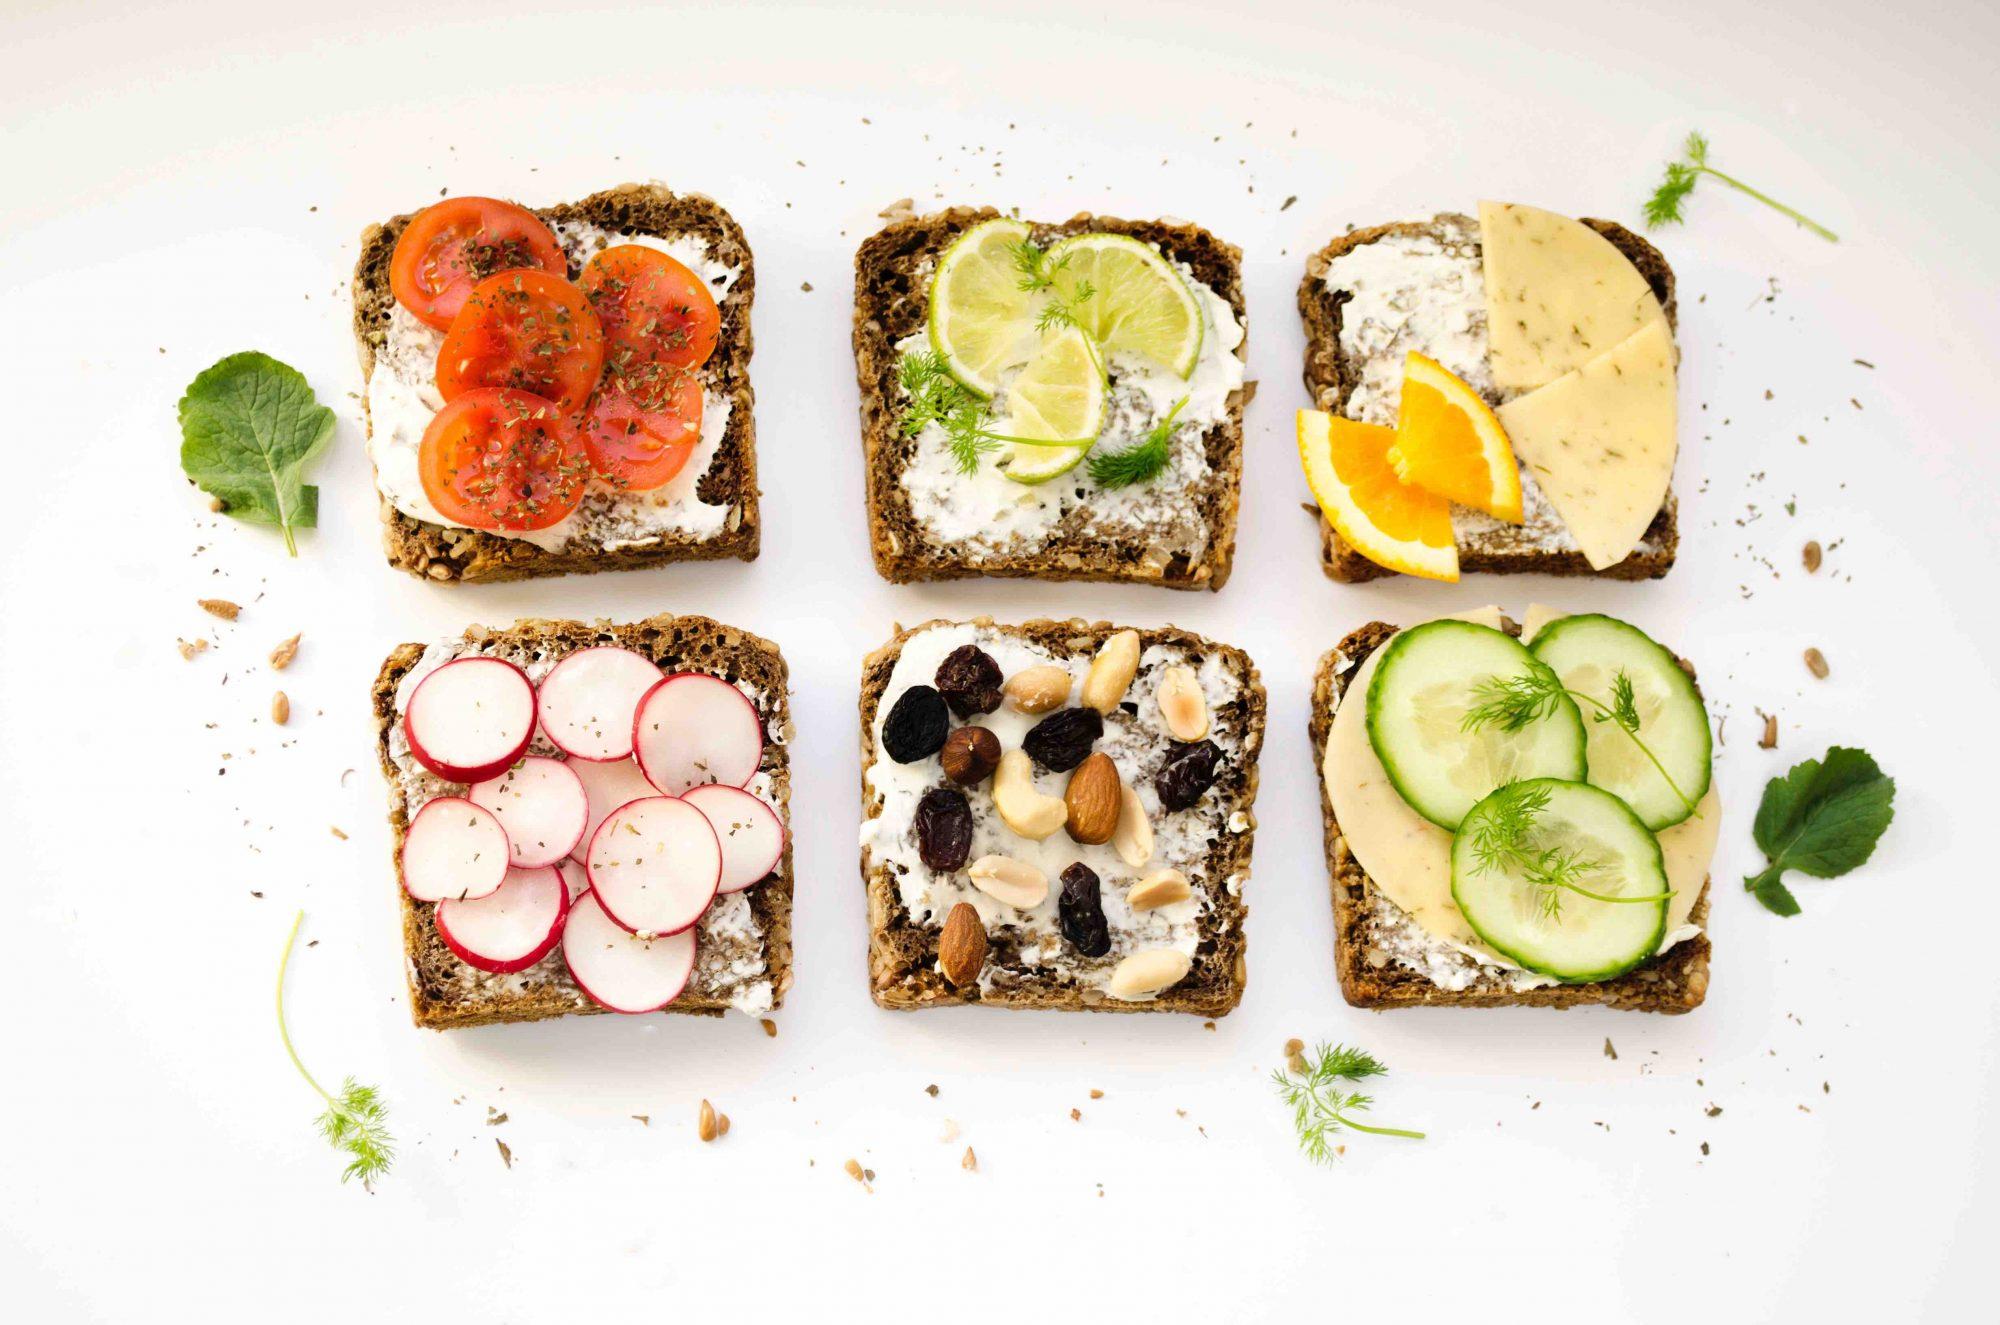 cibi facili da colazione per la perdita di peso